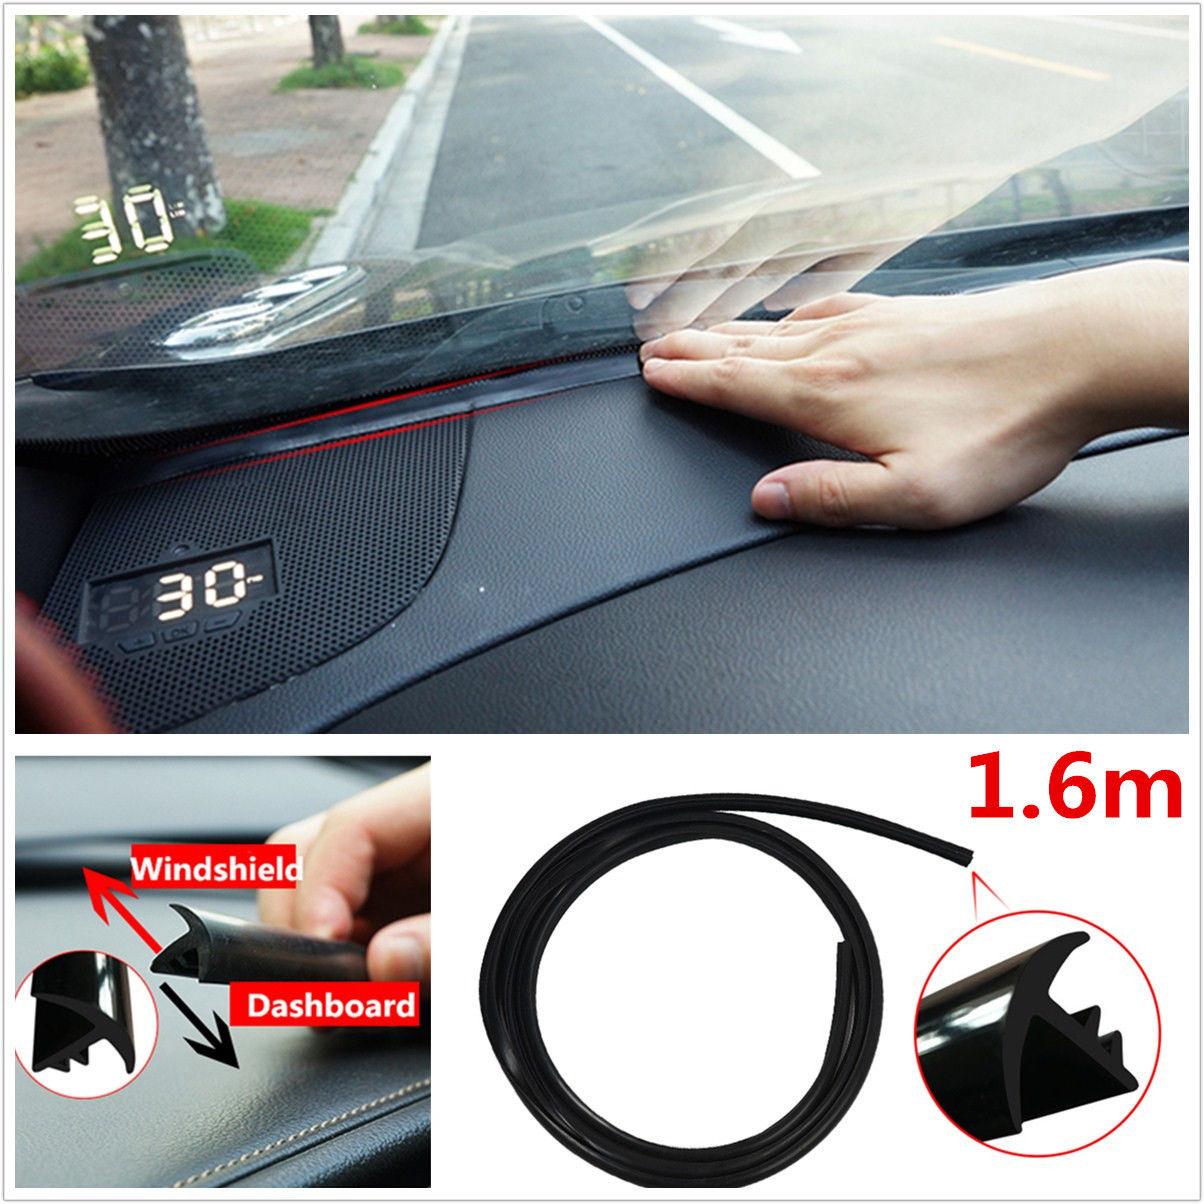 1.6m Rubber Soundproof Dustproof Sealing Strip for Car Windshield Windscreen